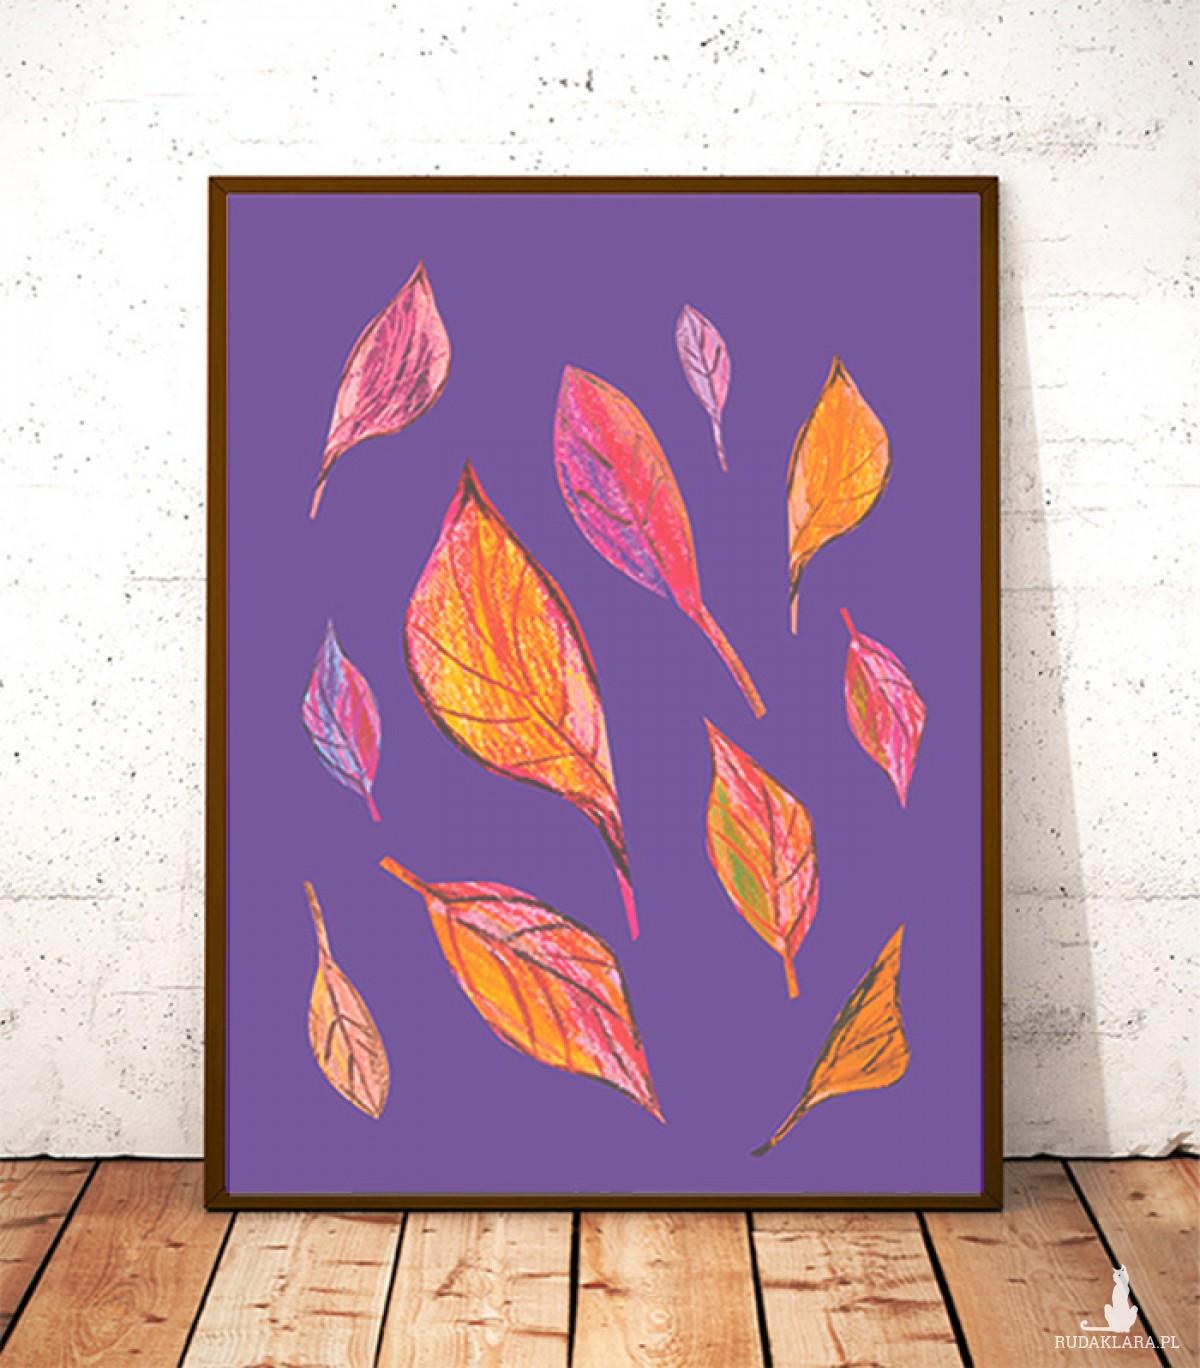 30 x 40  plakat jesień, ładny plakat liście, kolorowa grafika na ścianę, jesień grafika do pokoju, jesienny obraz do domu